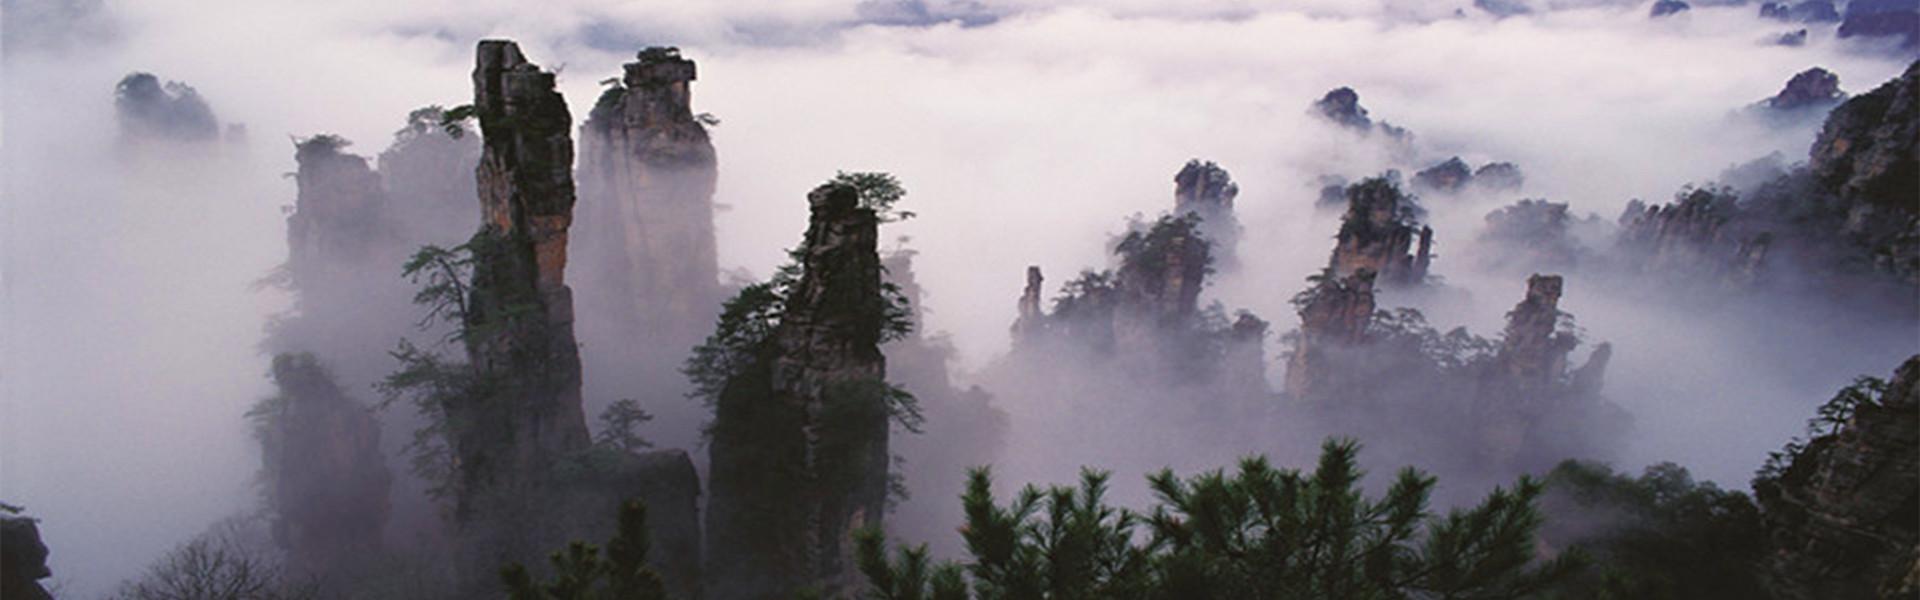 Zhangjiajie Fam Tour 2021